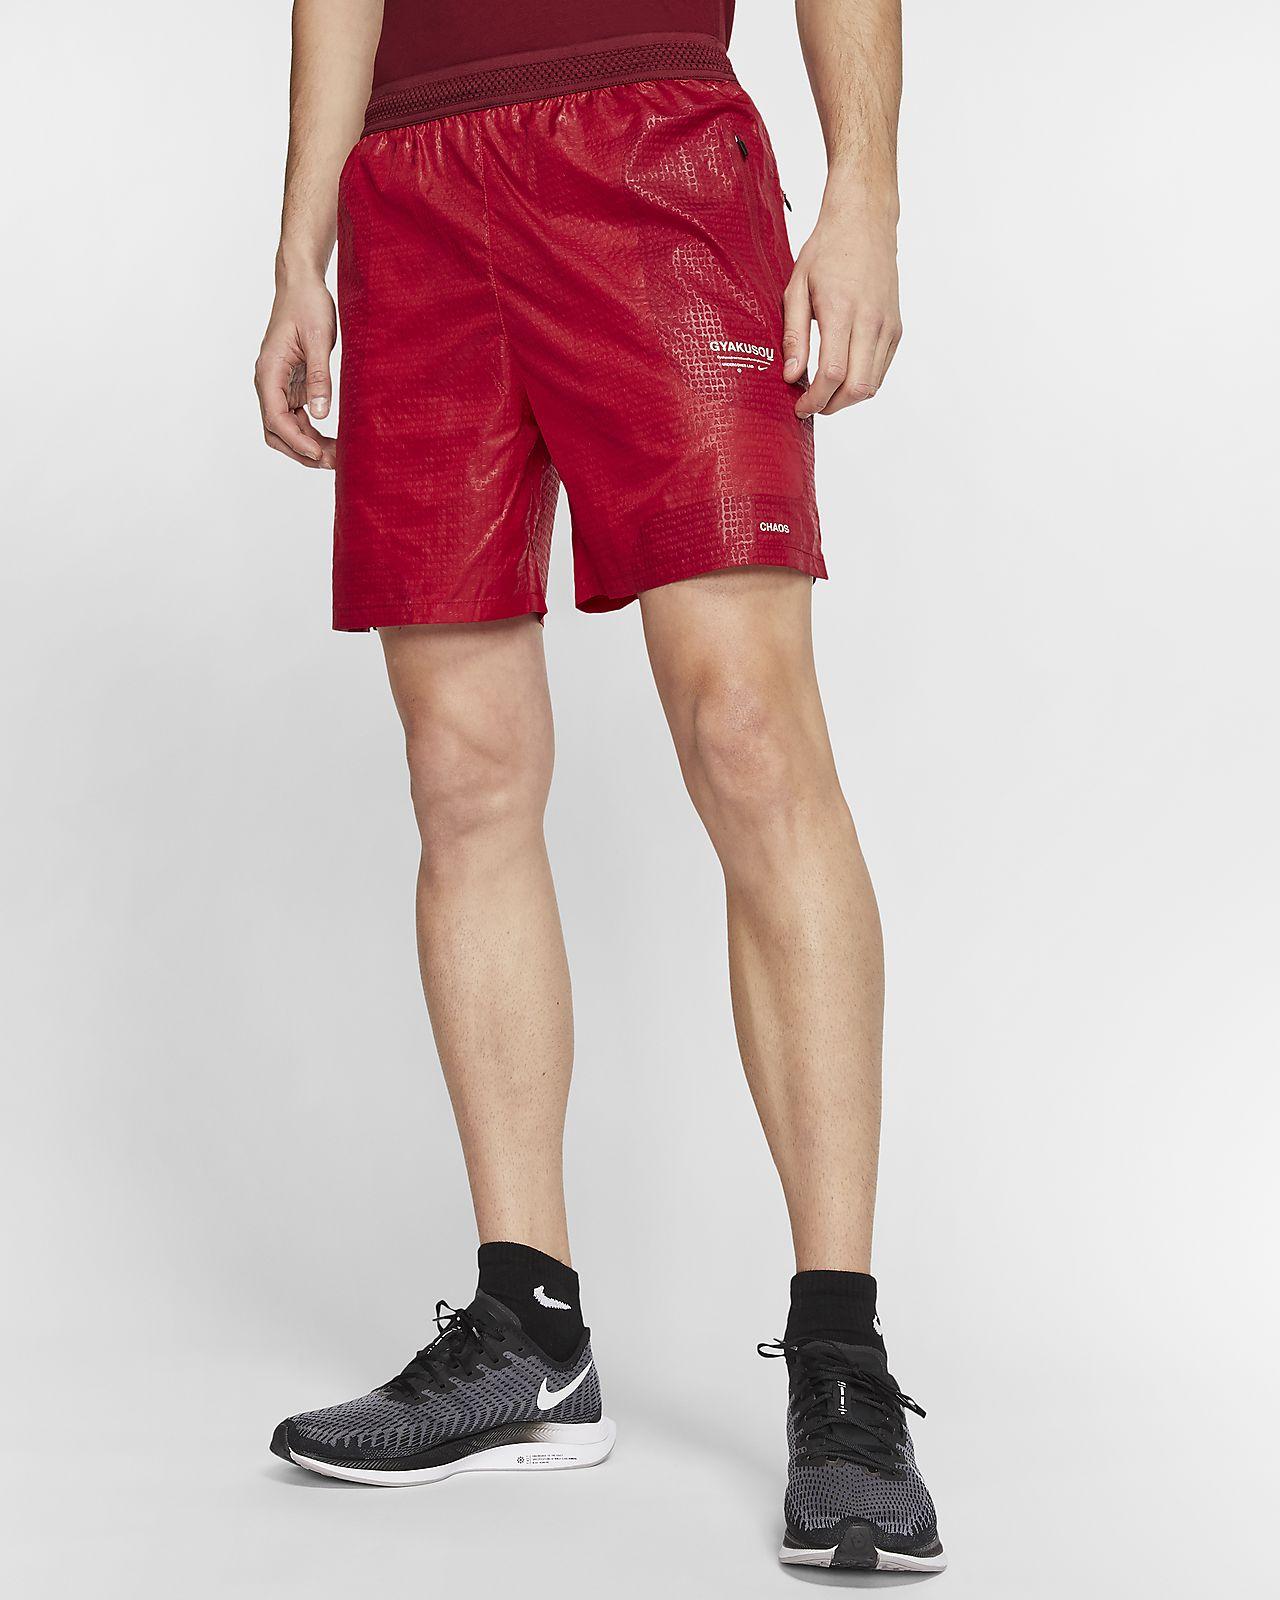 Shorts de running Nike x Gyakusou